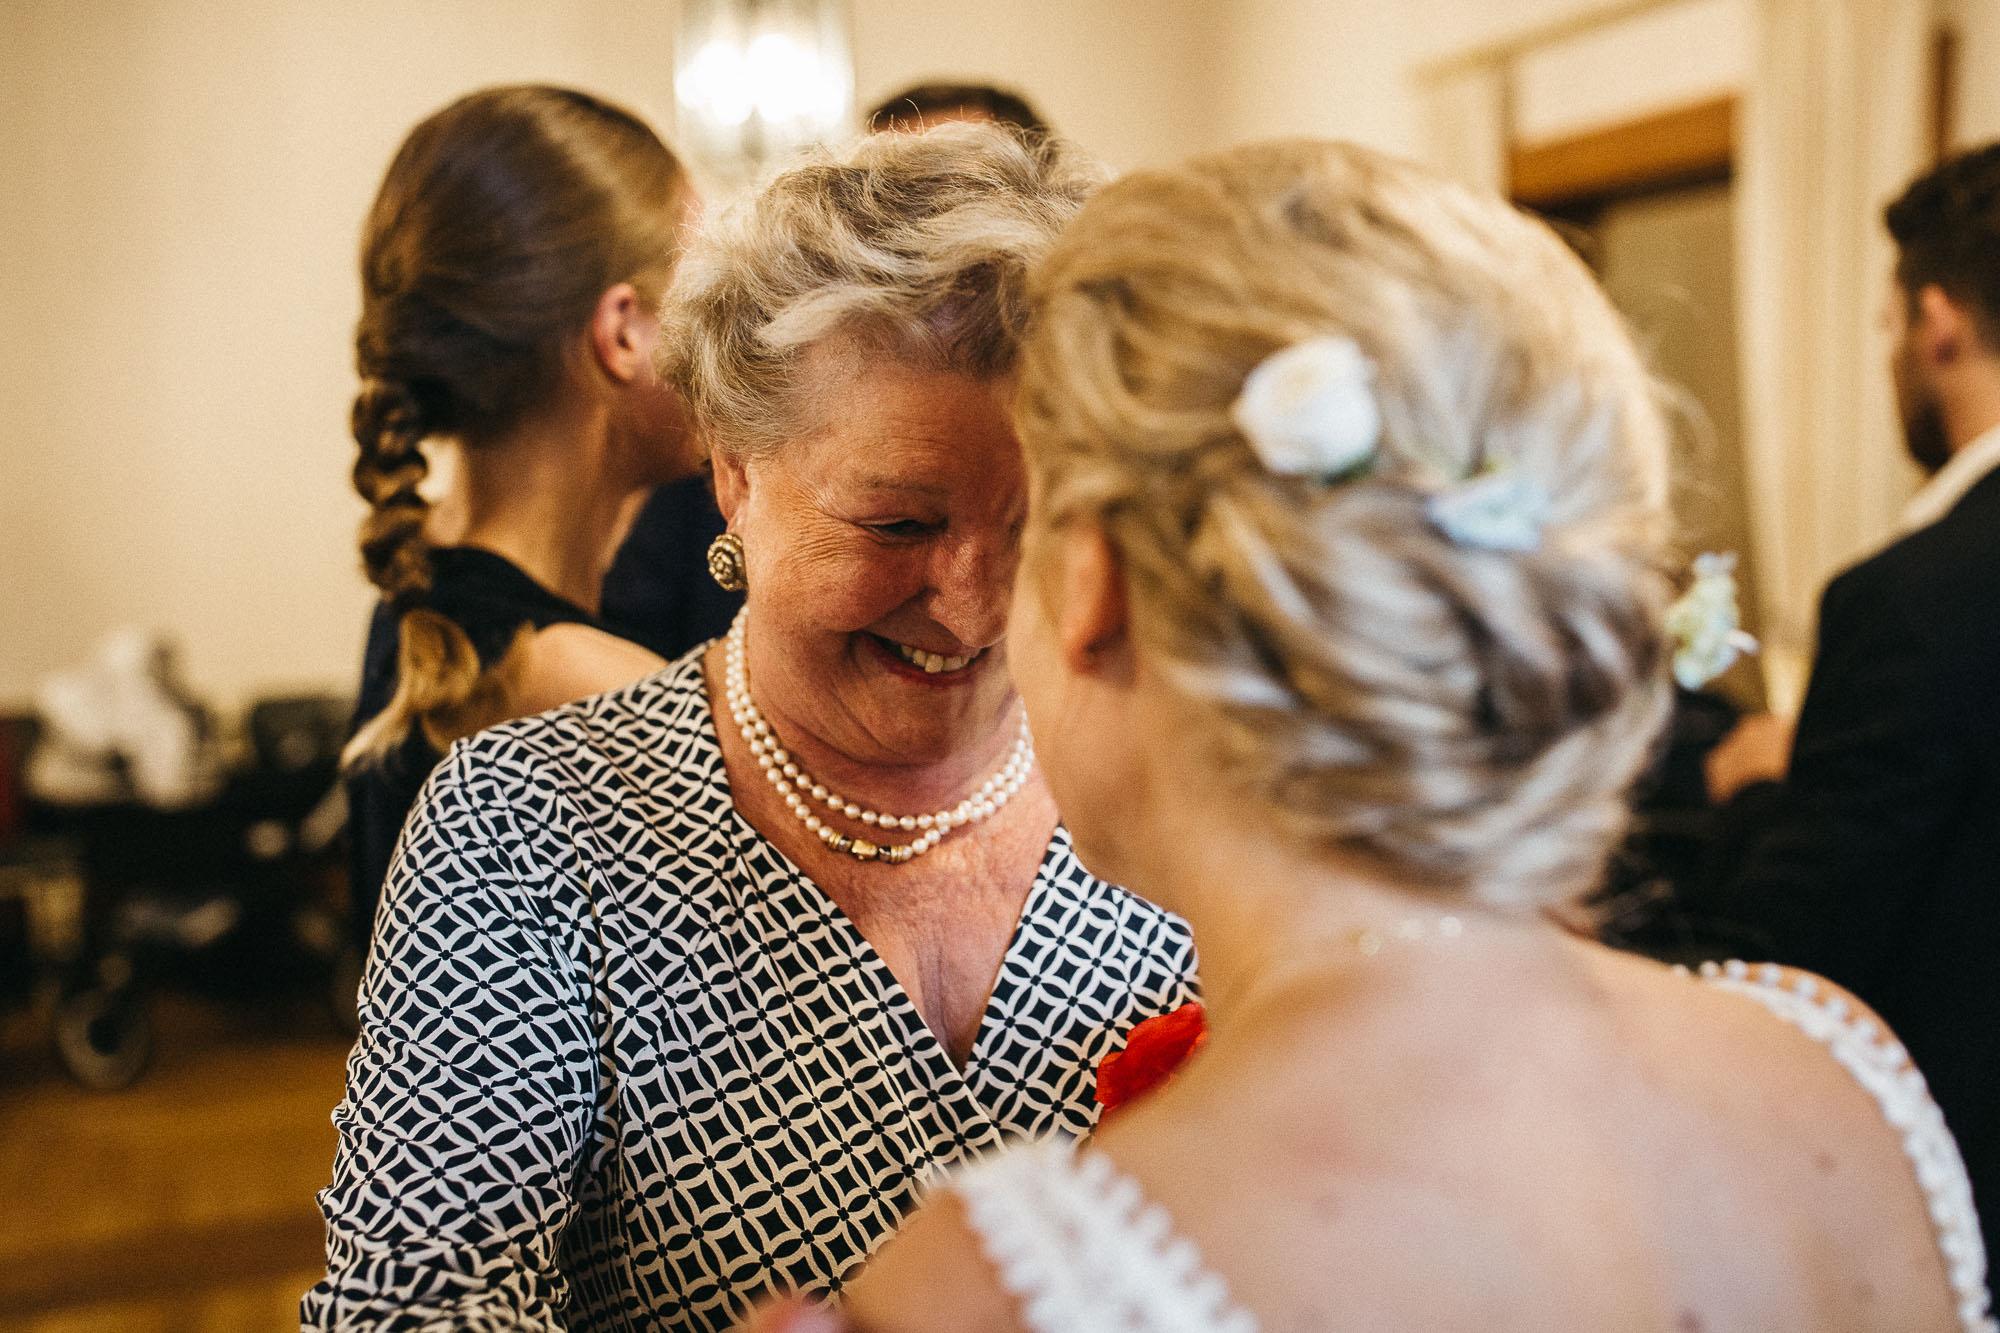 raissa simon photography wedding mosel kloster machern love authentic 460 - Kathrin + Dominik